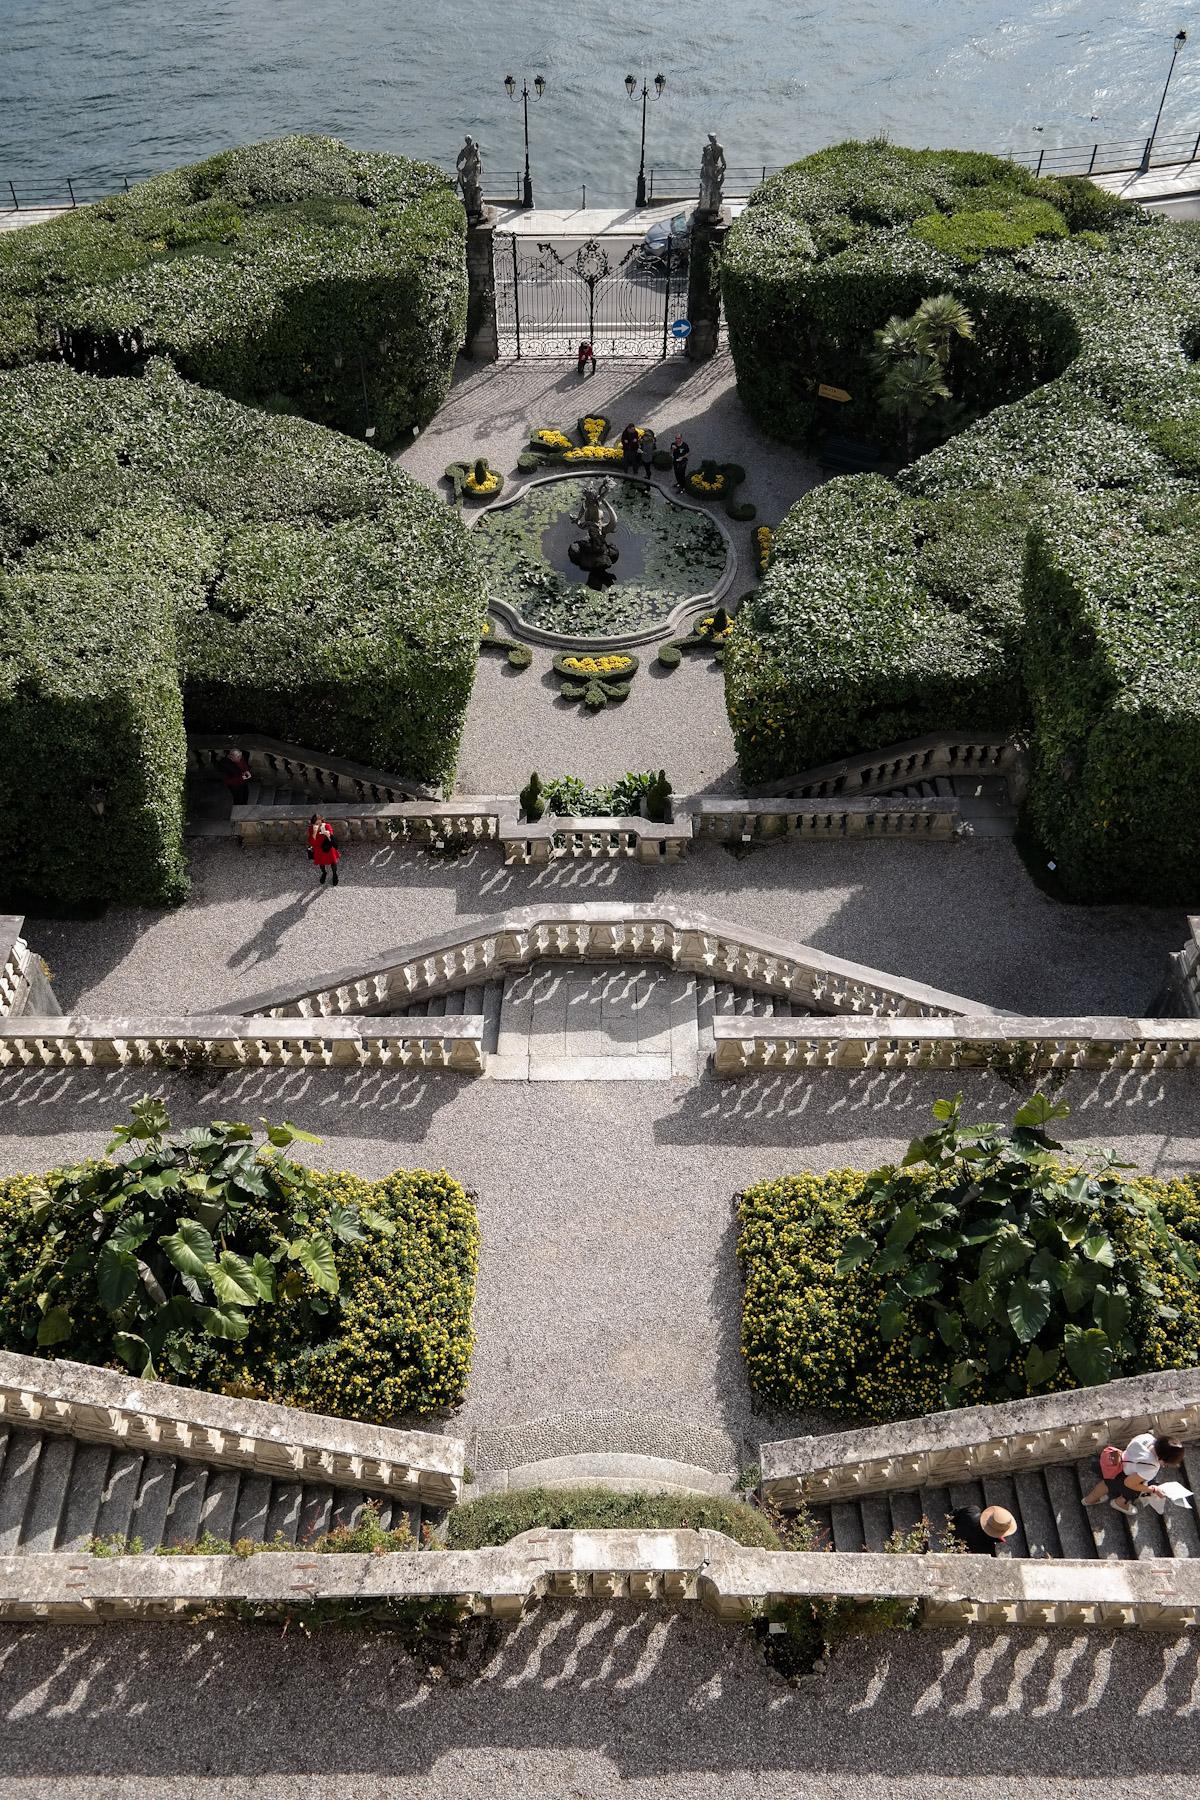 Aerial View of Italian Gardens at Villa Carlotta, Tremezzina, Italy